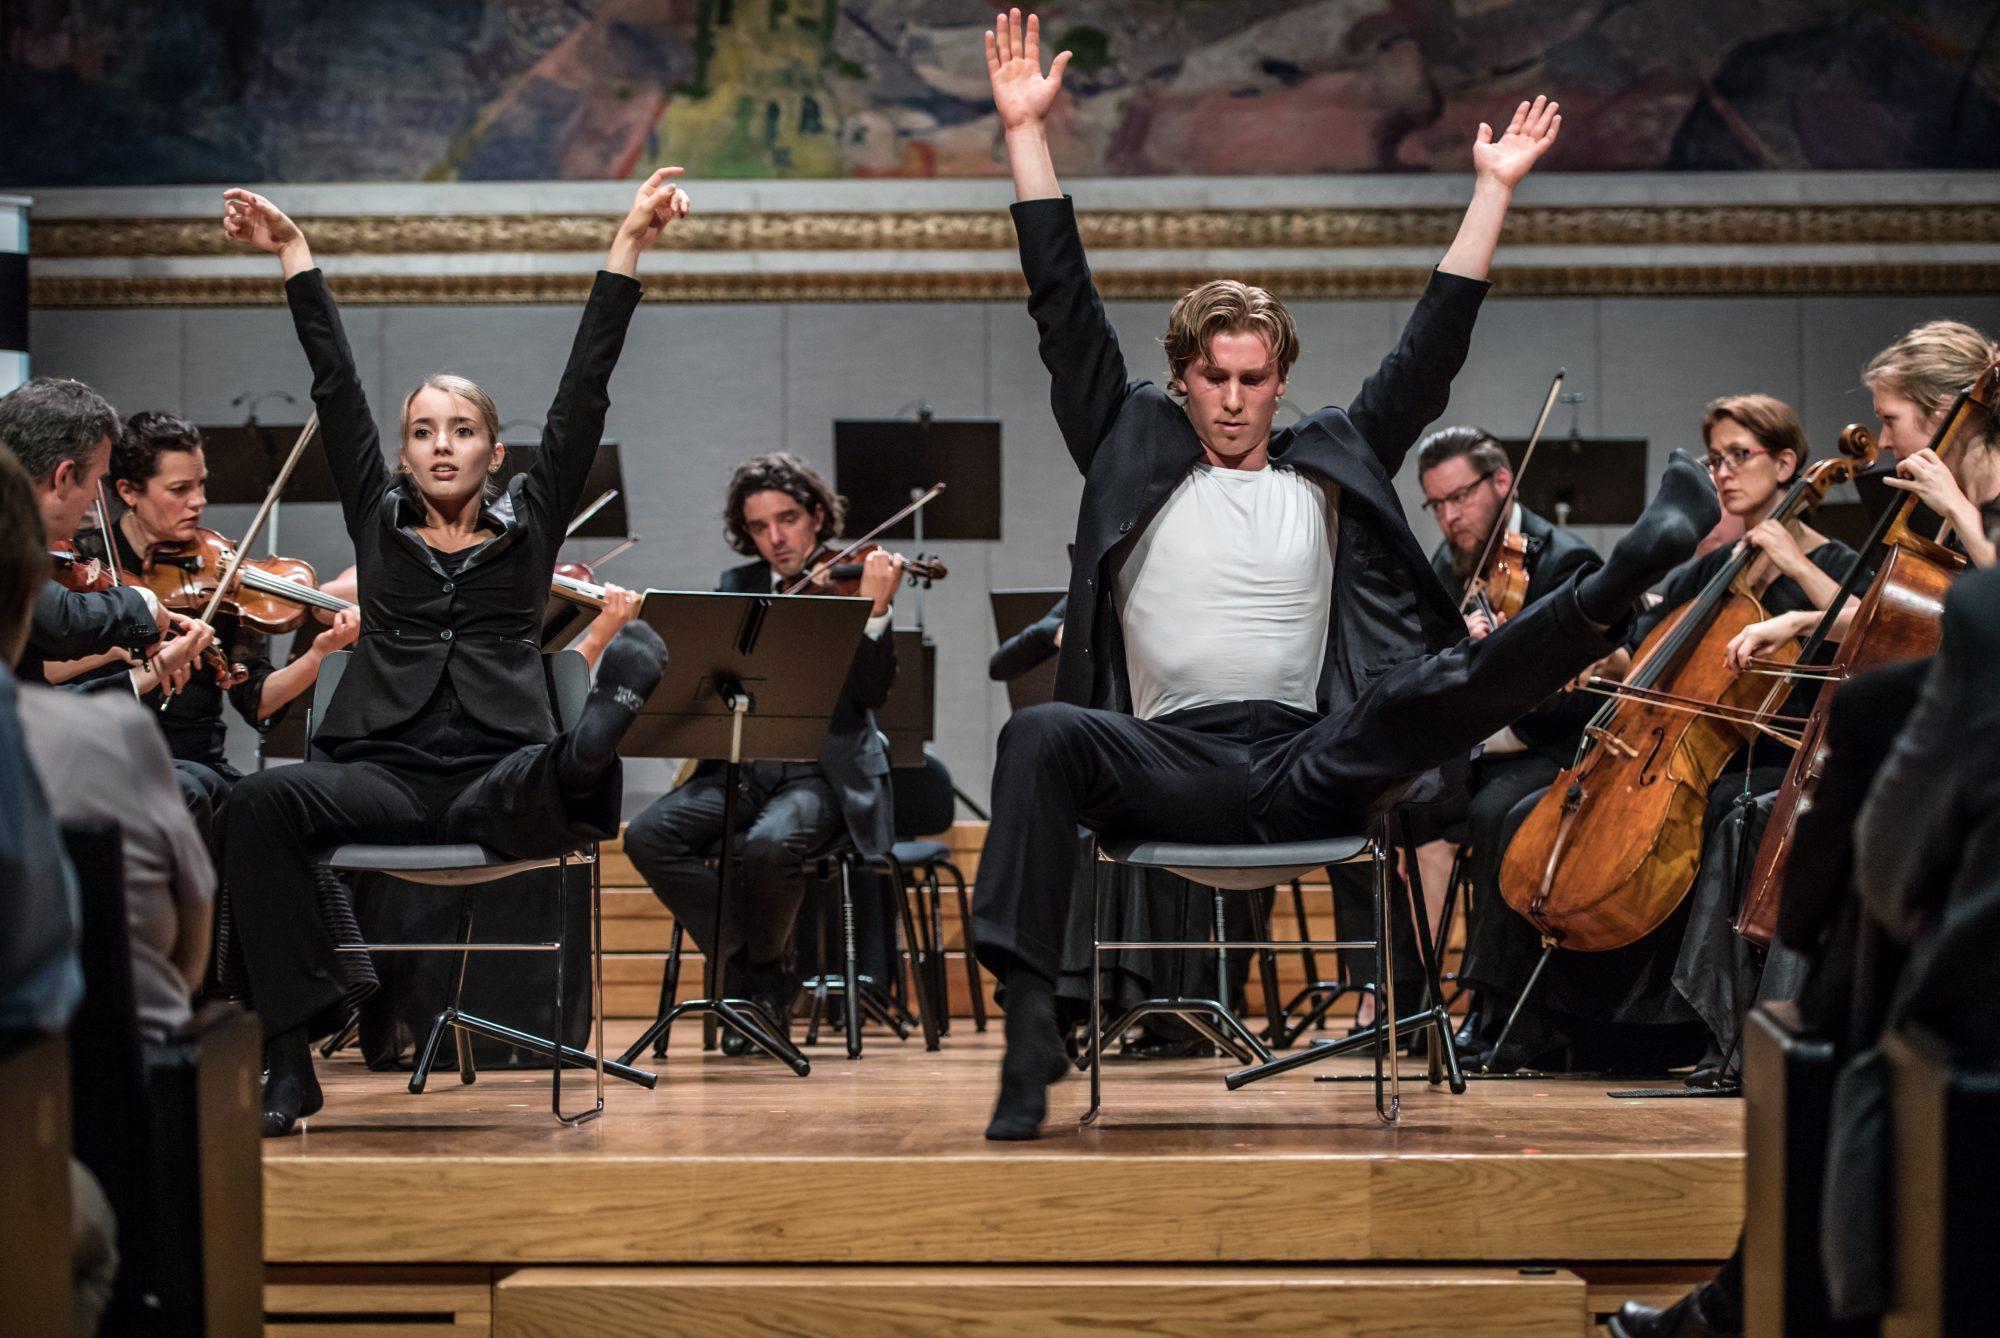 http://arkiv.klassiskmusikk.com/wp-content/uploads/2017/03/OsloKammermusikkfestival_aapningskonsert_2017_LarsOpstad_003.jpg